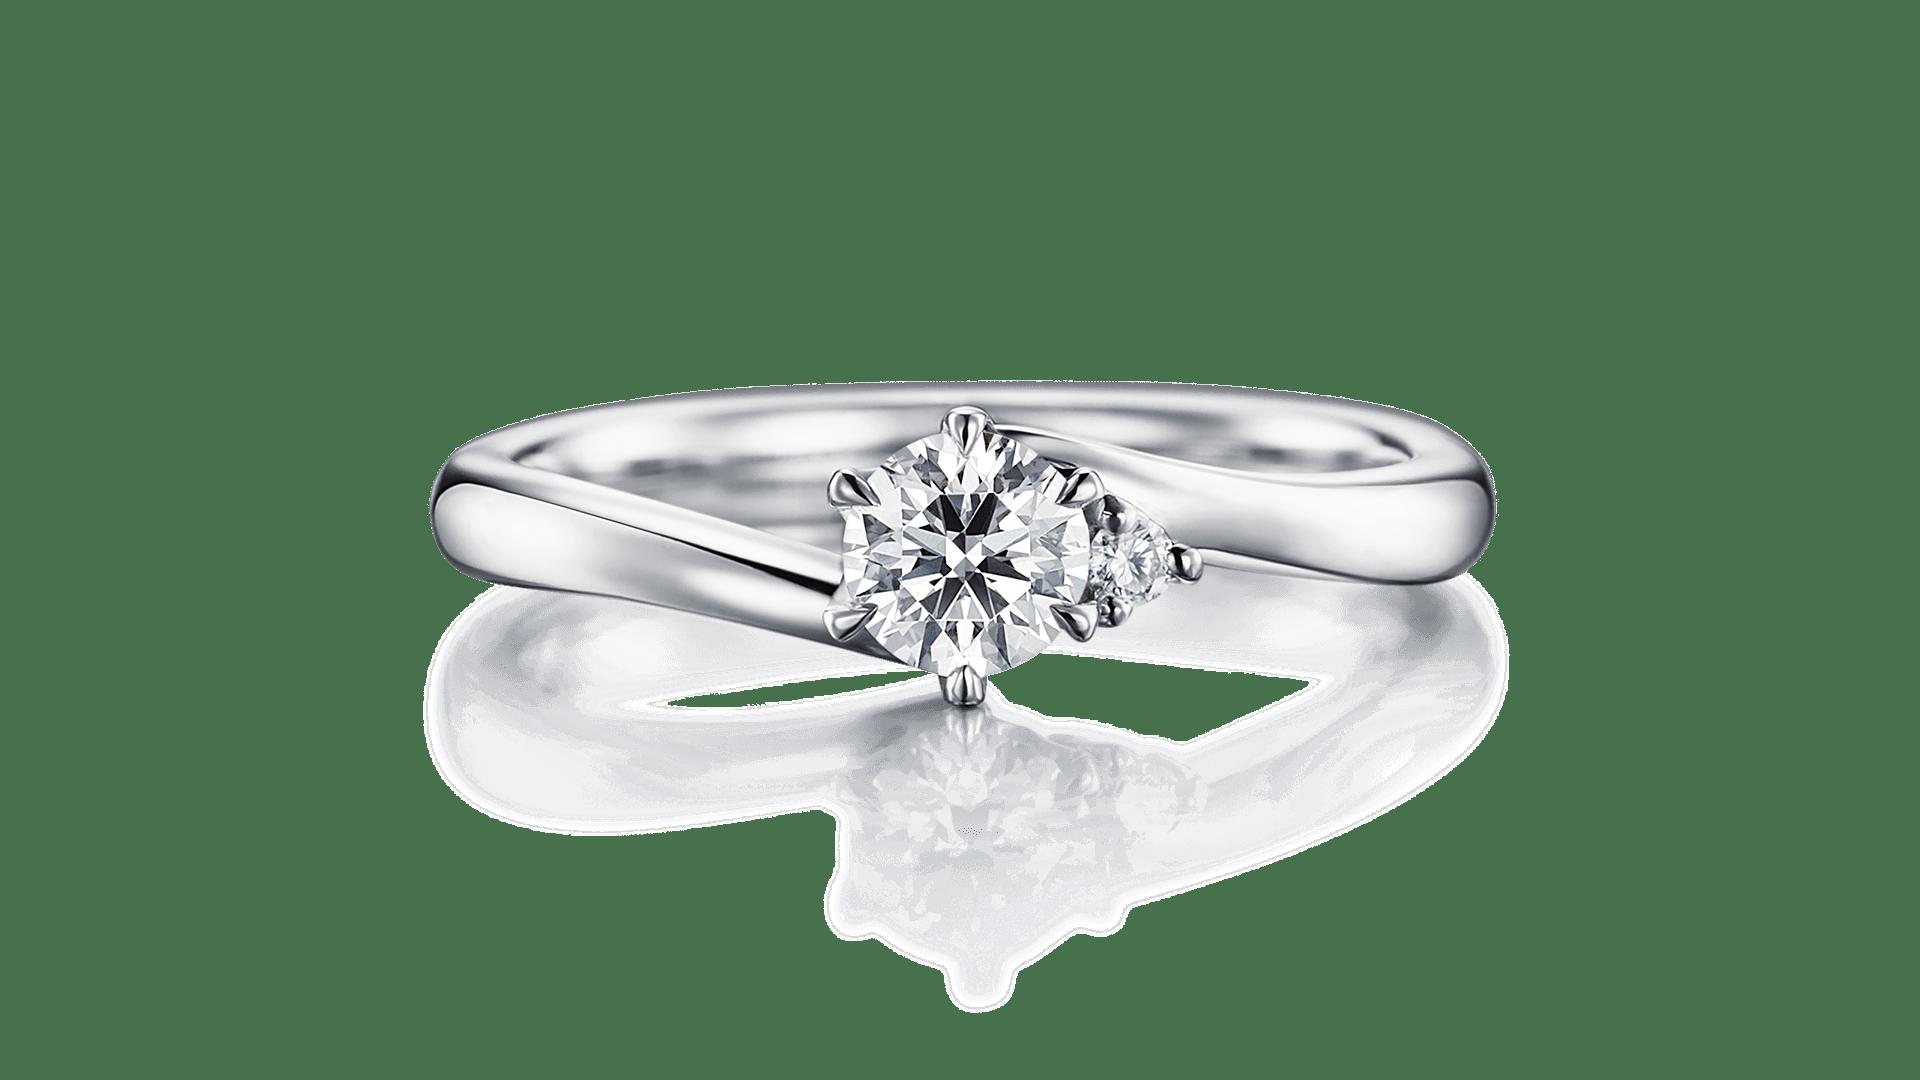 alphera アルフェラ | 婚約指輪サムネイル 1